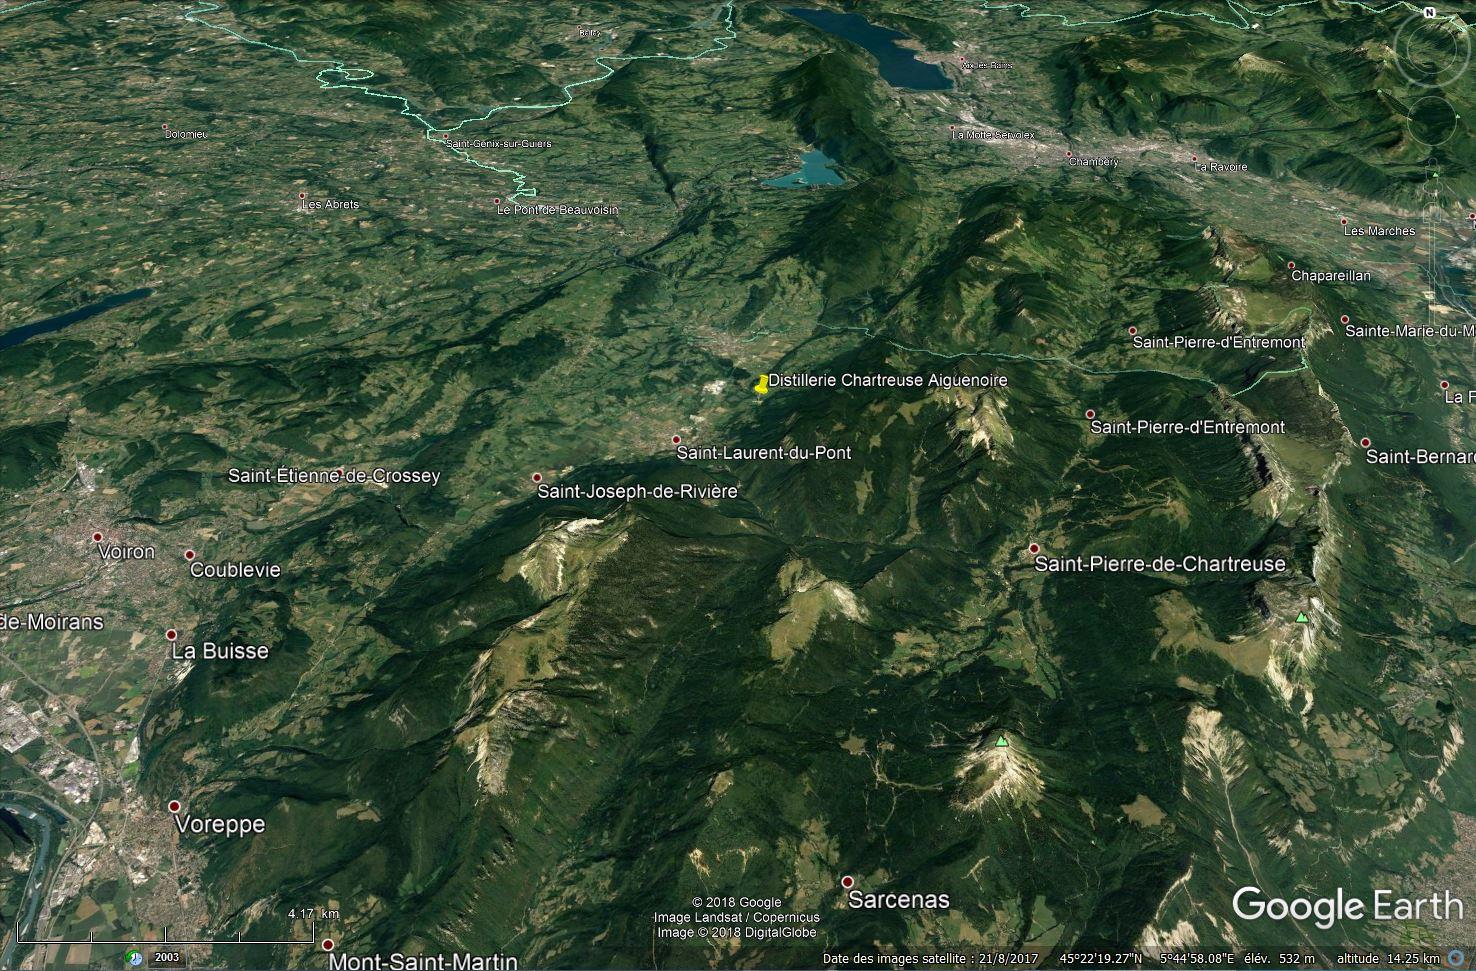 [Bientôt visible sur Google Earth] Nouvelle distillerie de chartreuse, Entre-deux-Guiers, Isère Tsge_162